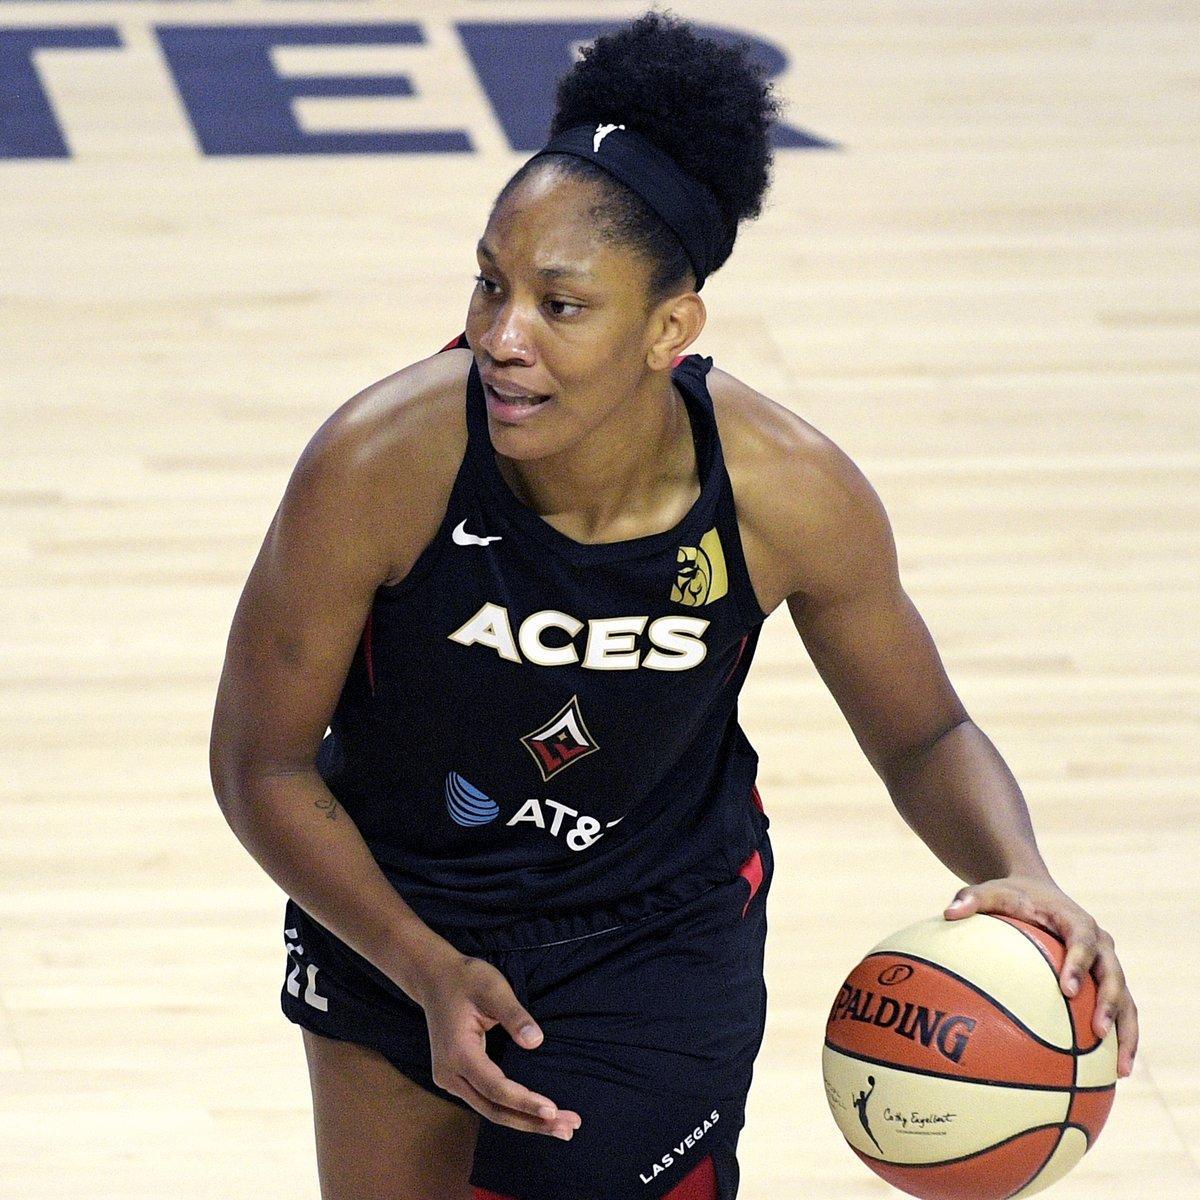 Un jugador de baloncesto  Descripción generada automáticamente con confianza media